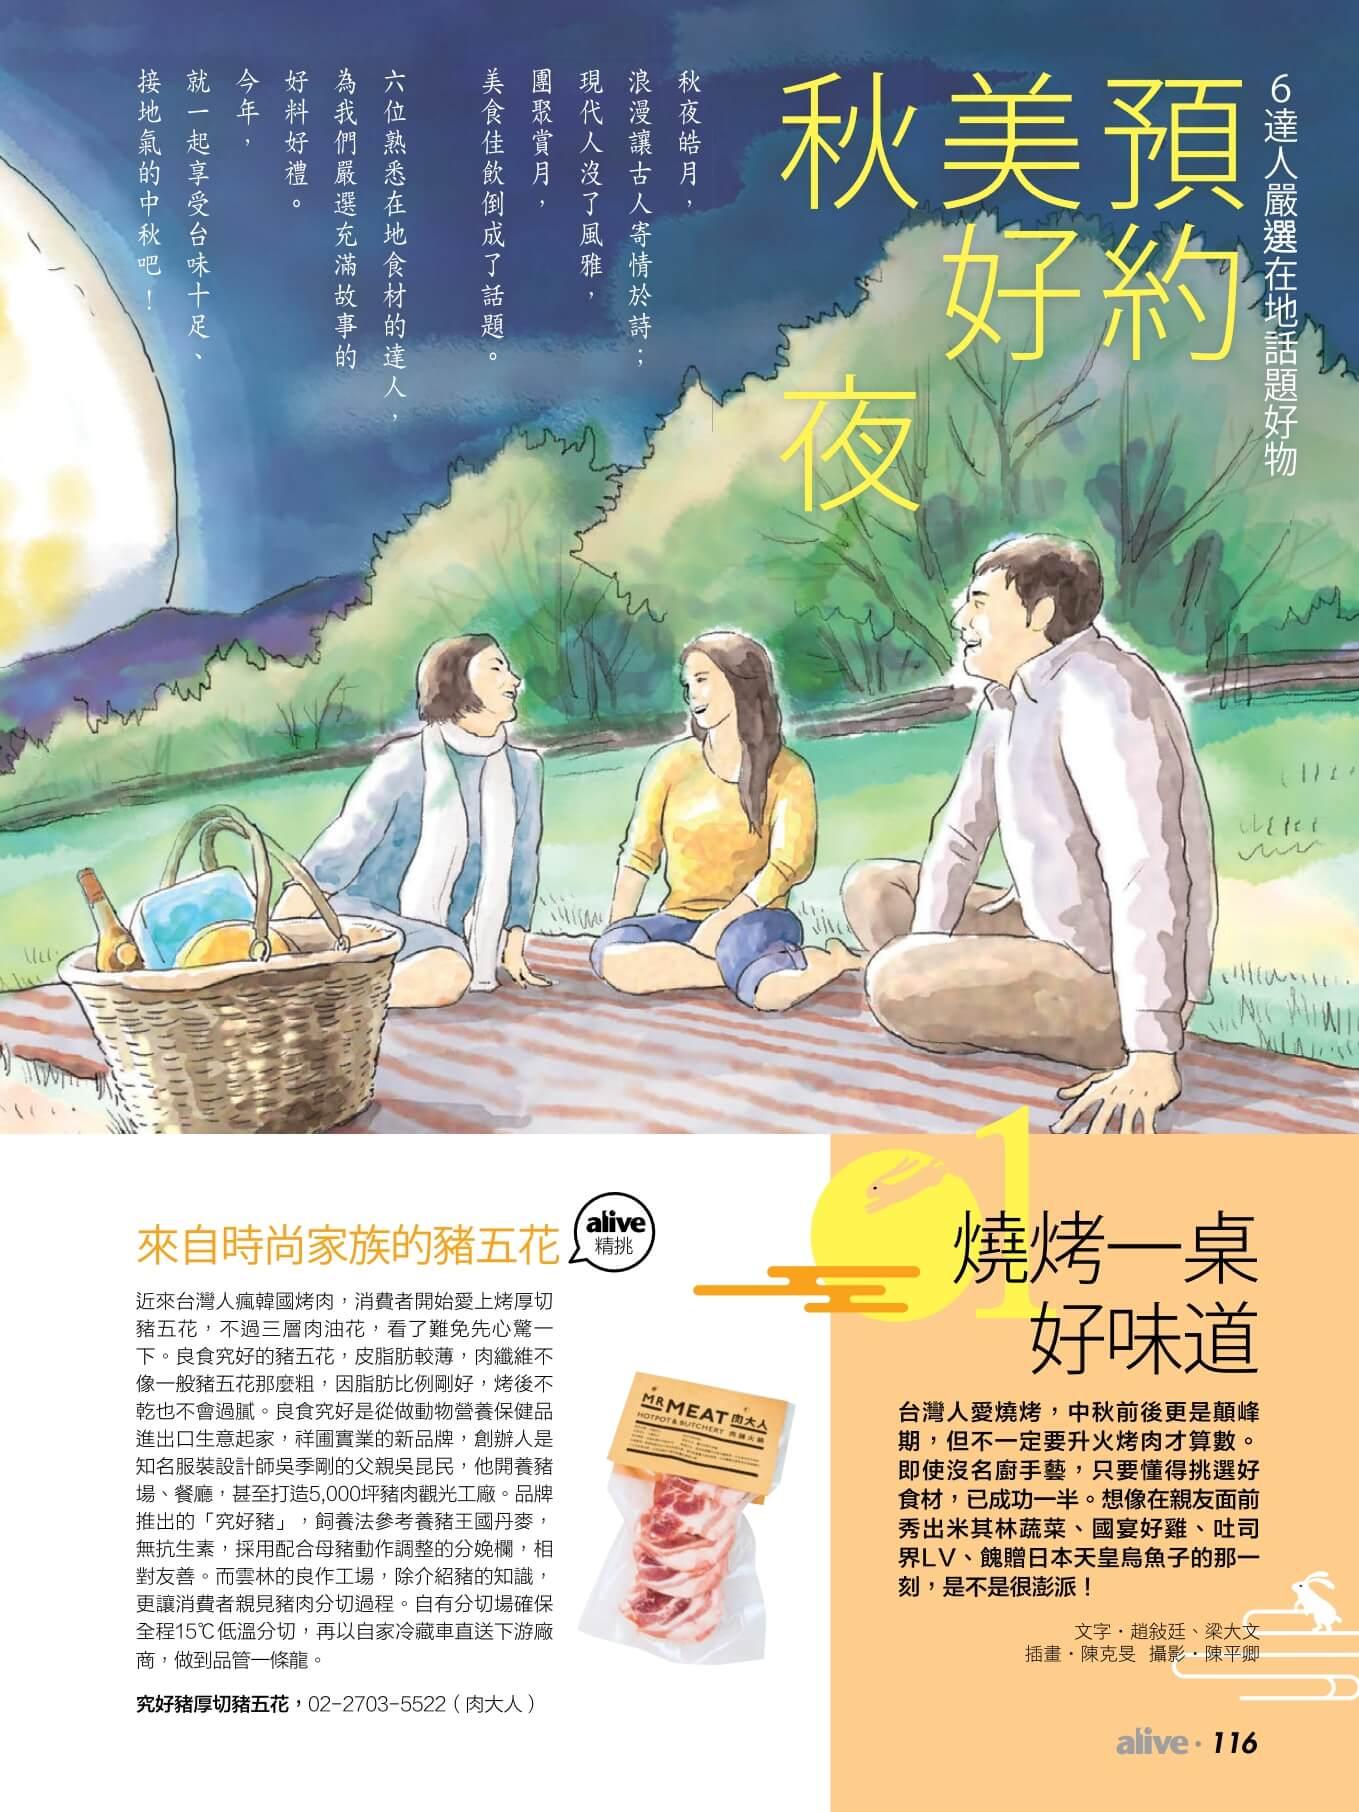 商業周刊第1555期_秋夜